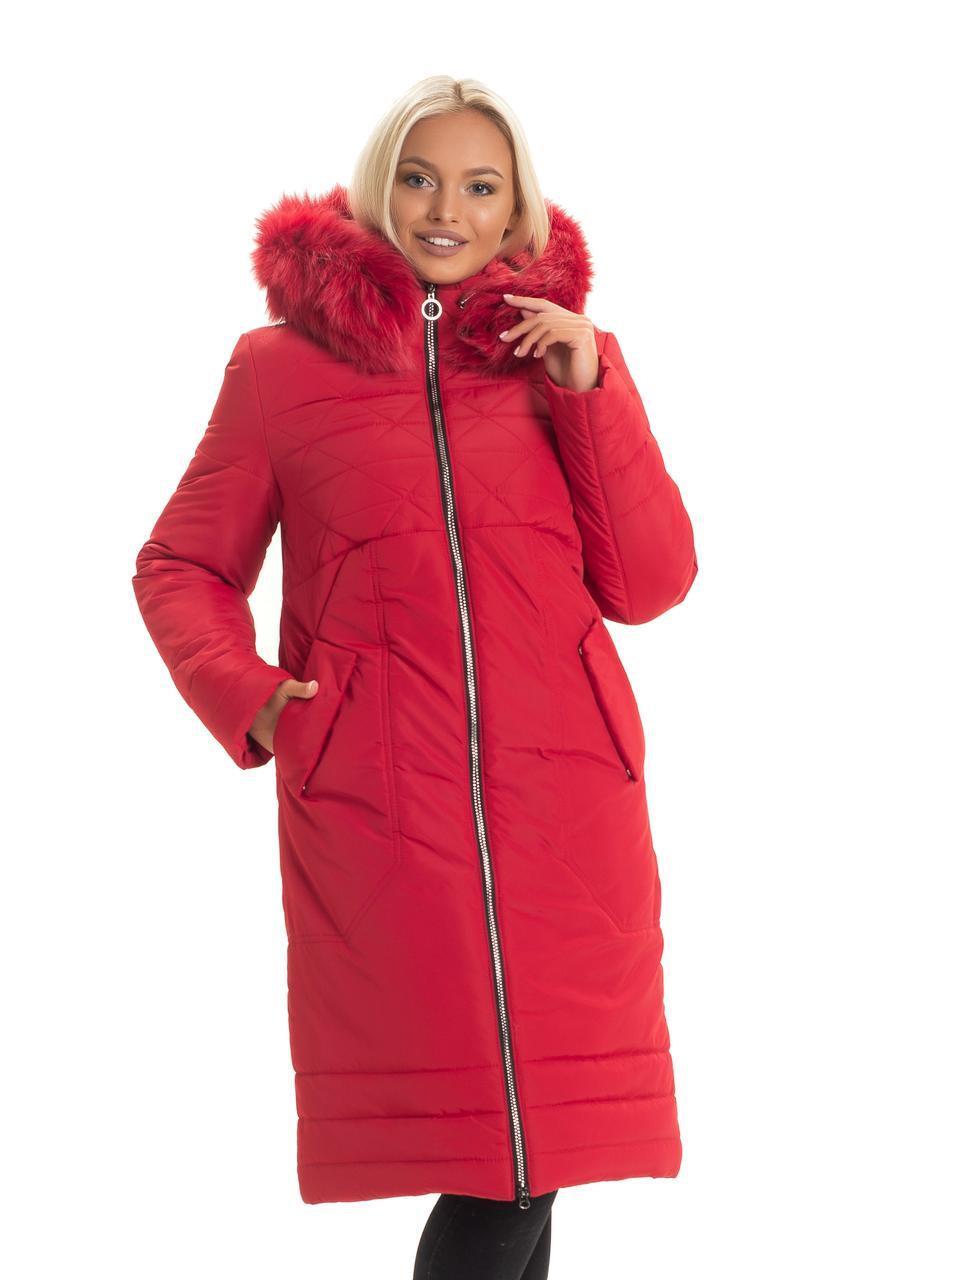 Женский длинный зимний пуховик / пальто с мехом красный батал / большихразмеров размер 44 46 48 50 52 54